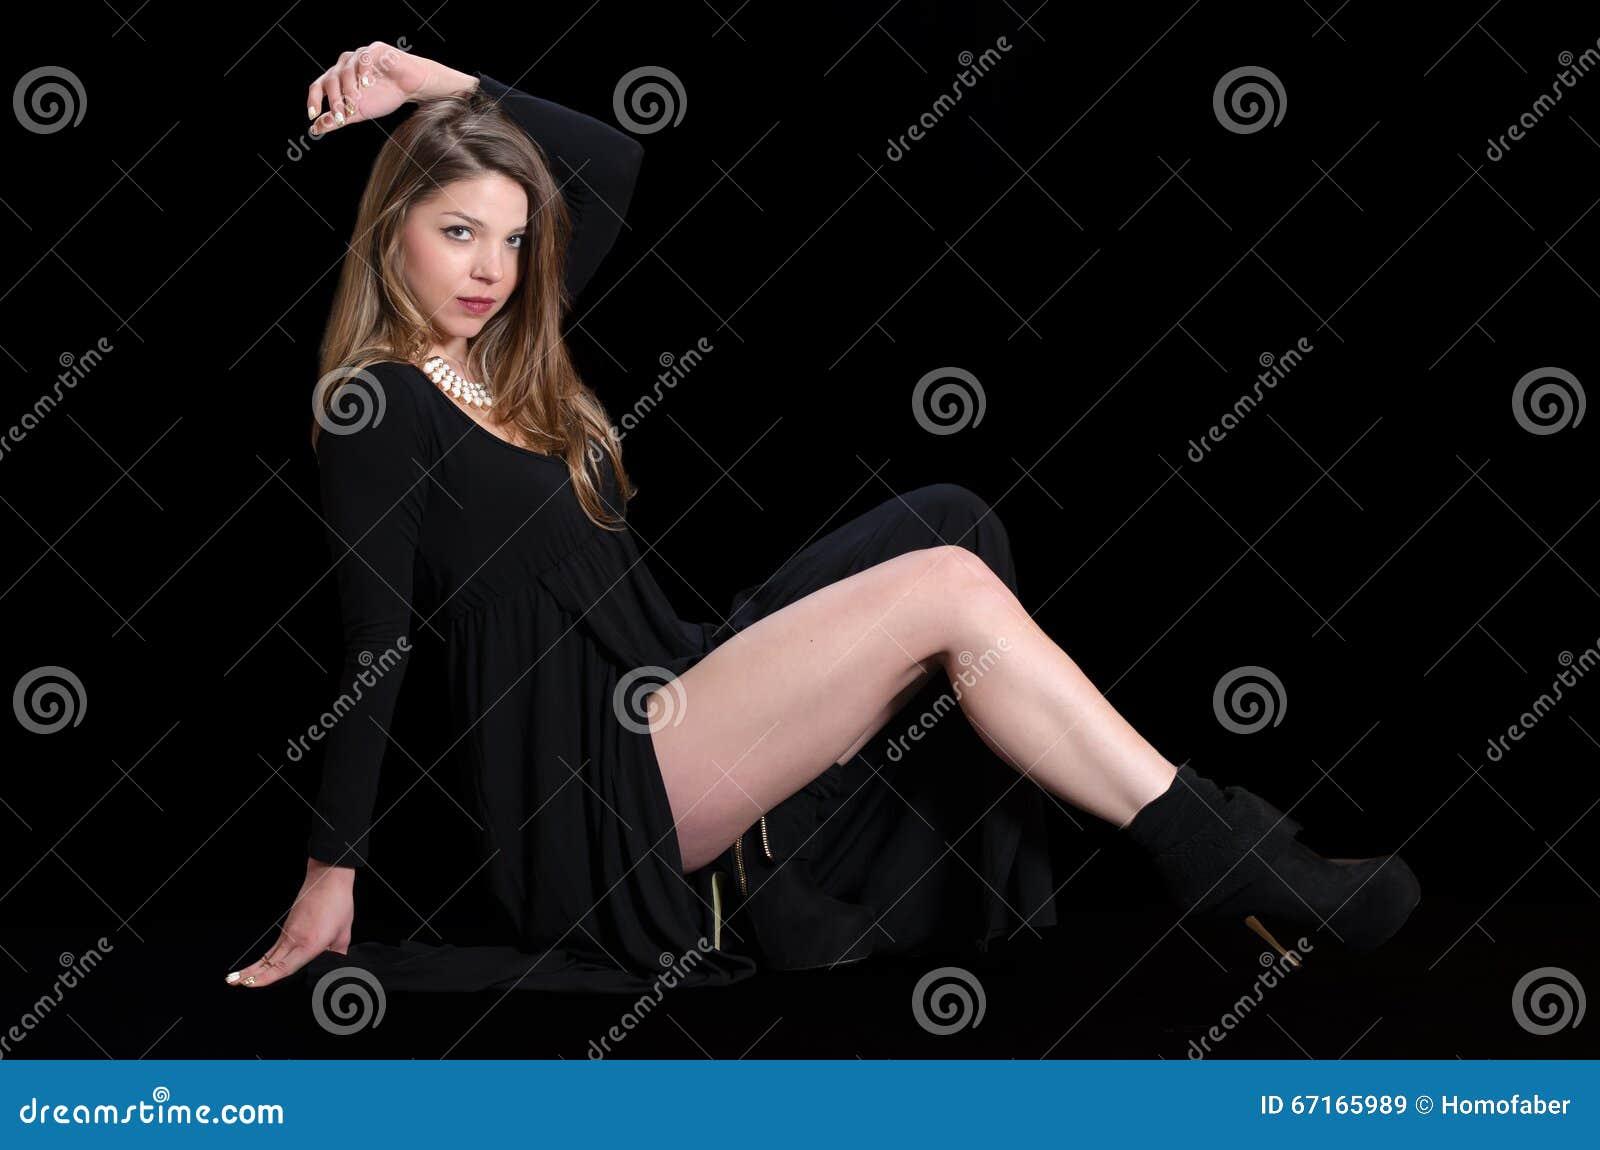 Di giovane donna di usura vestito e collana dal nero lungamente